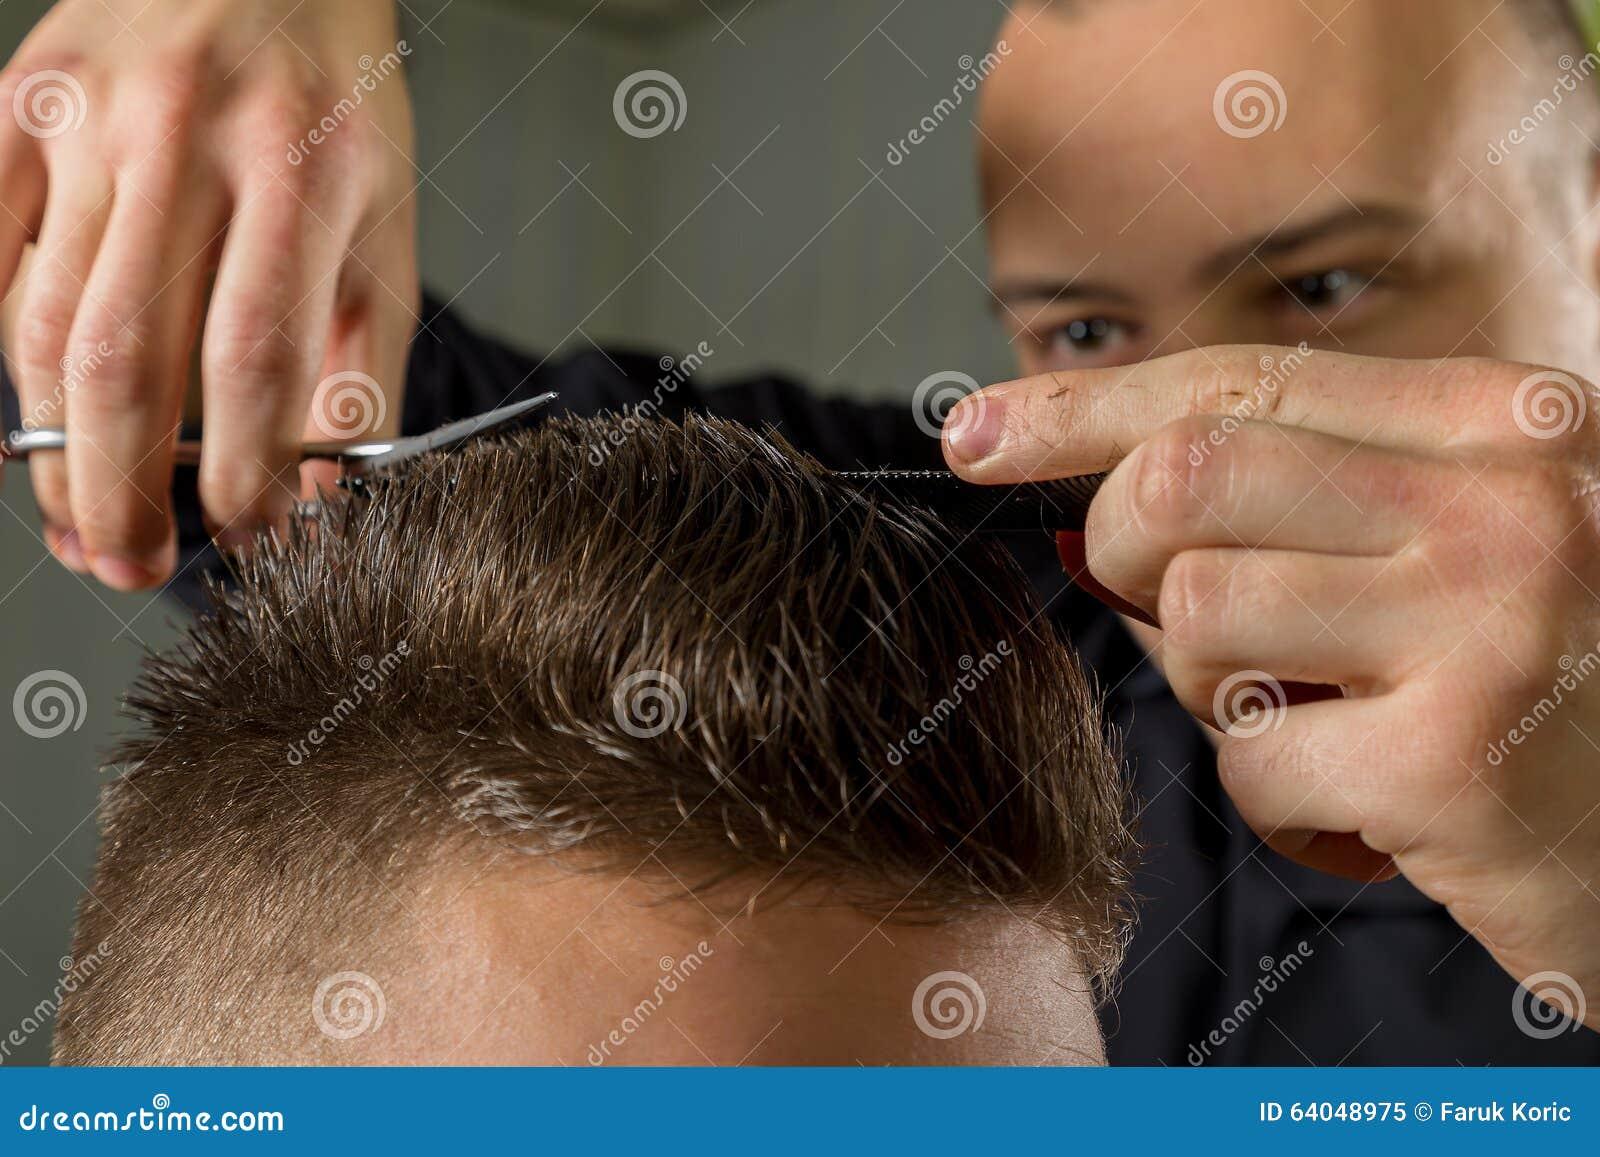 Haarausschnitt der Männer mit Scheren in einem Schönheitssalon